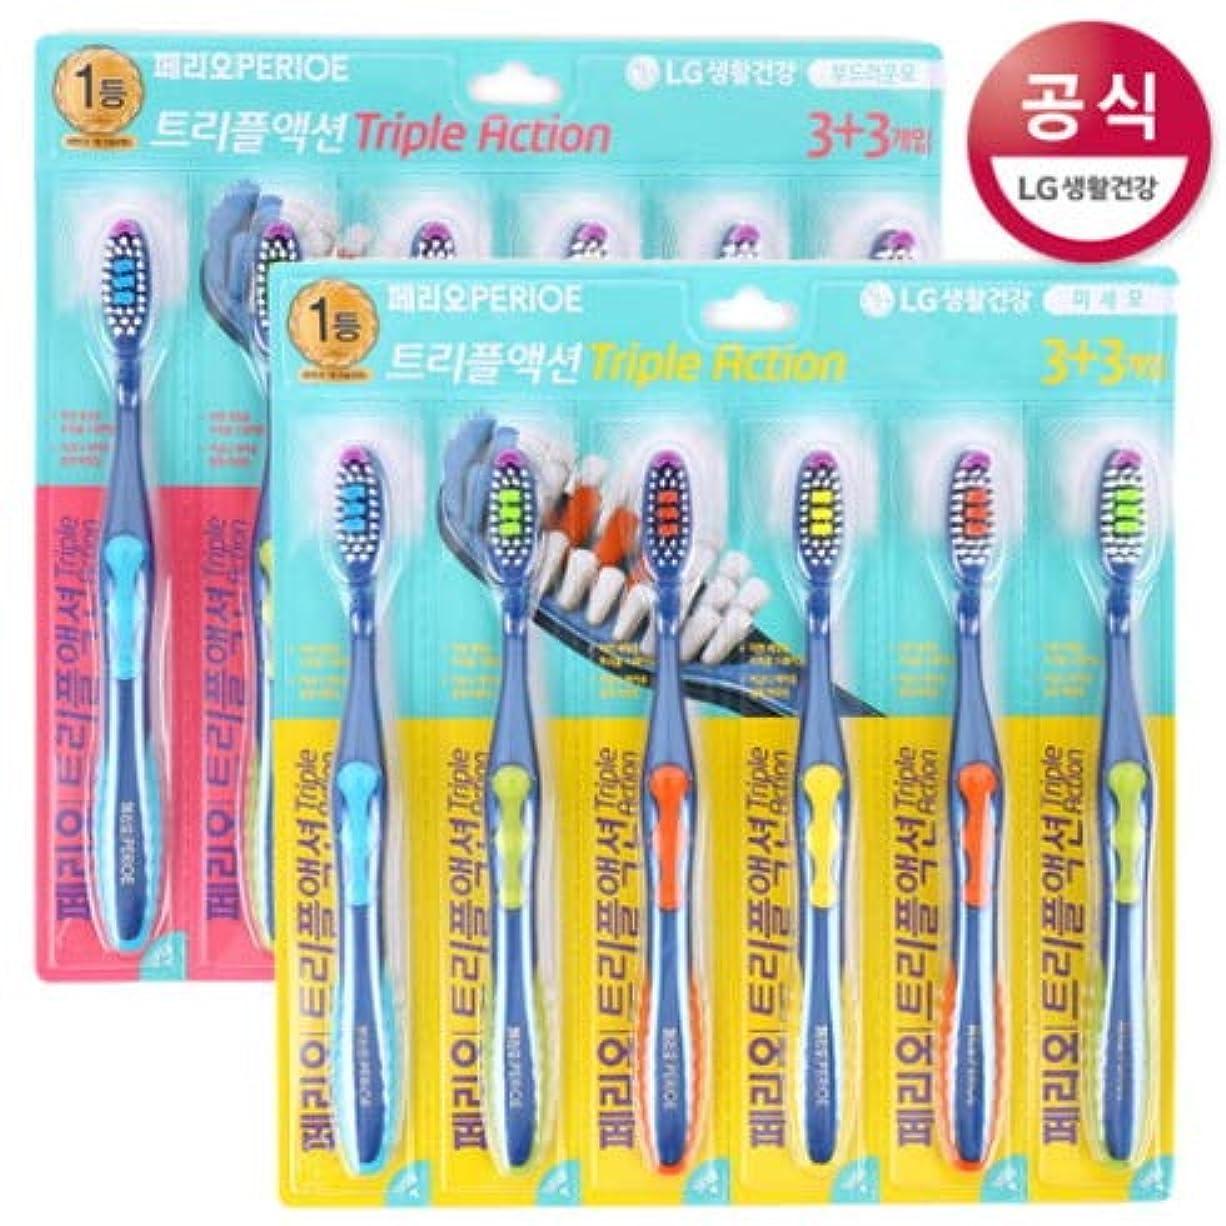 悲しみどきどき求人[LG HnB] Perio Triple Action Toothbrush/ペリオトリプルアクション歯ブラシ 6口x2個(海外直送品)